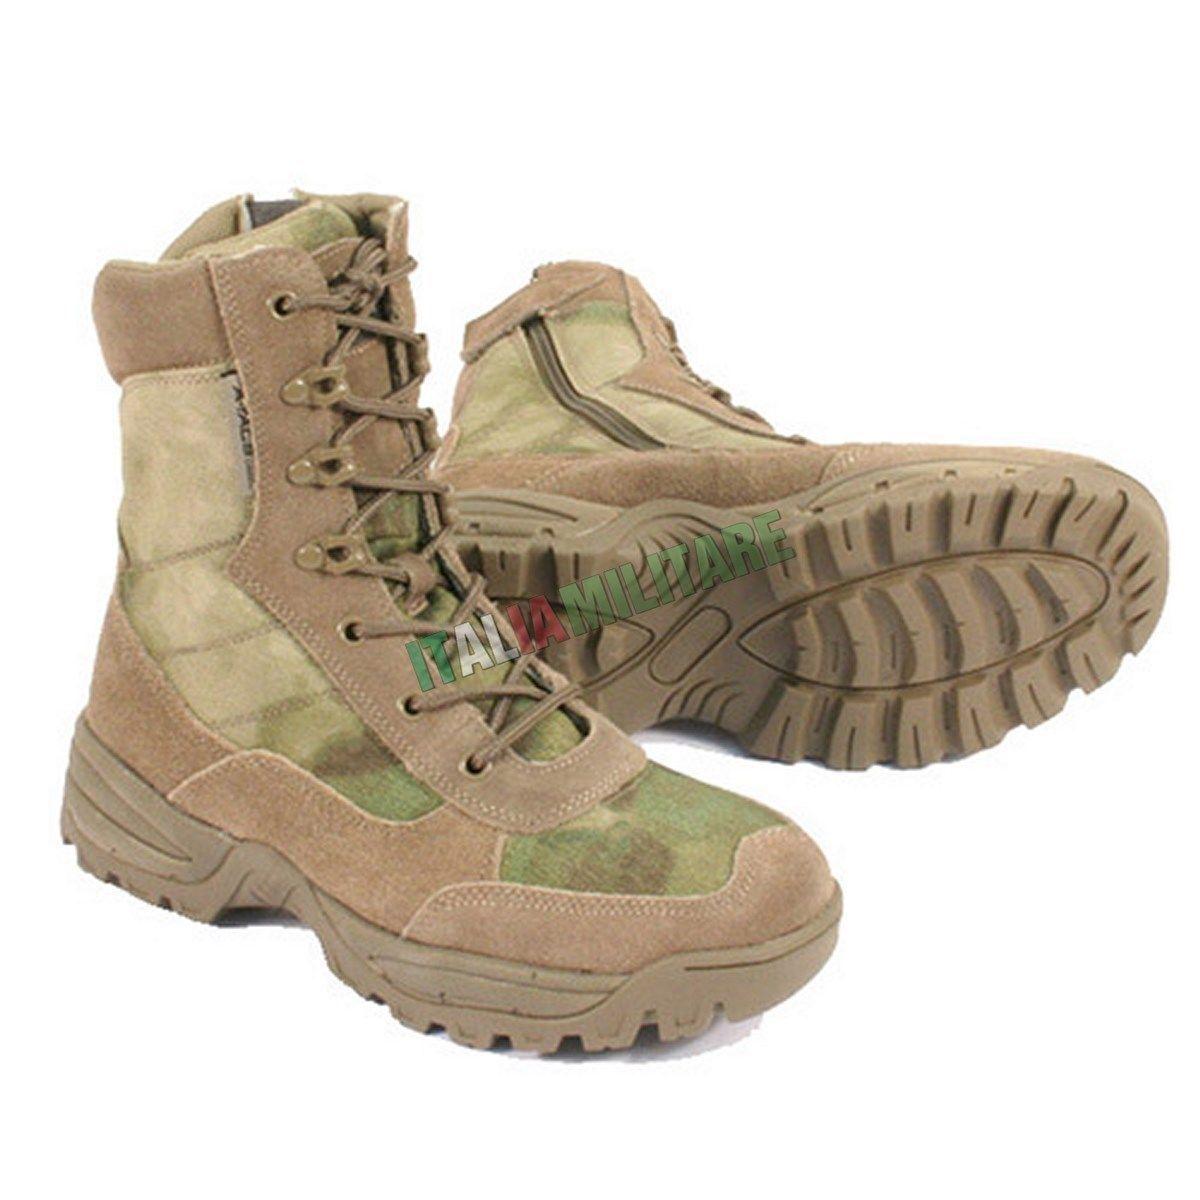 Anfibi Stivali Militari ZIP Laterale ATACS FG - Anfibio Militare MilTec A TACS   Pratico Ed Economico    Uomini/Donne Scarpa